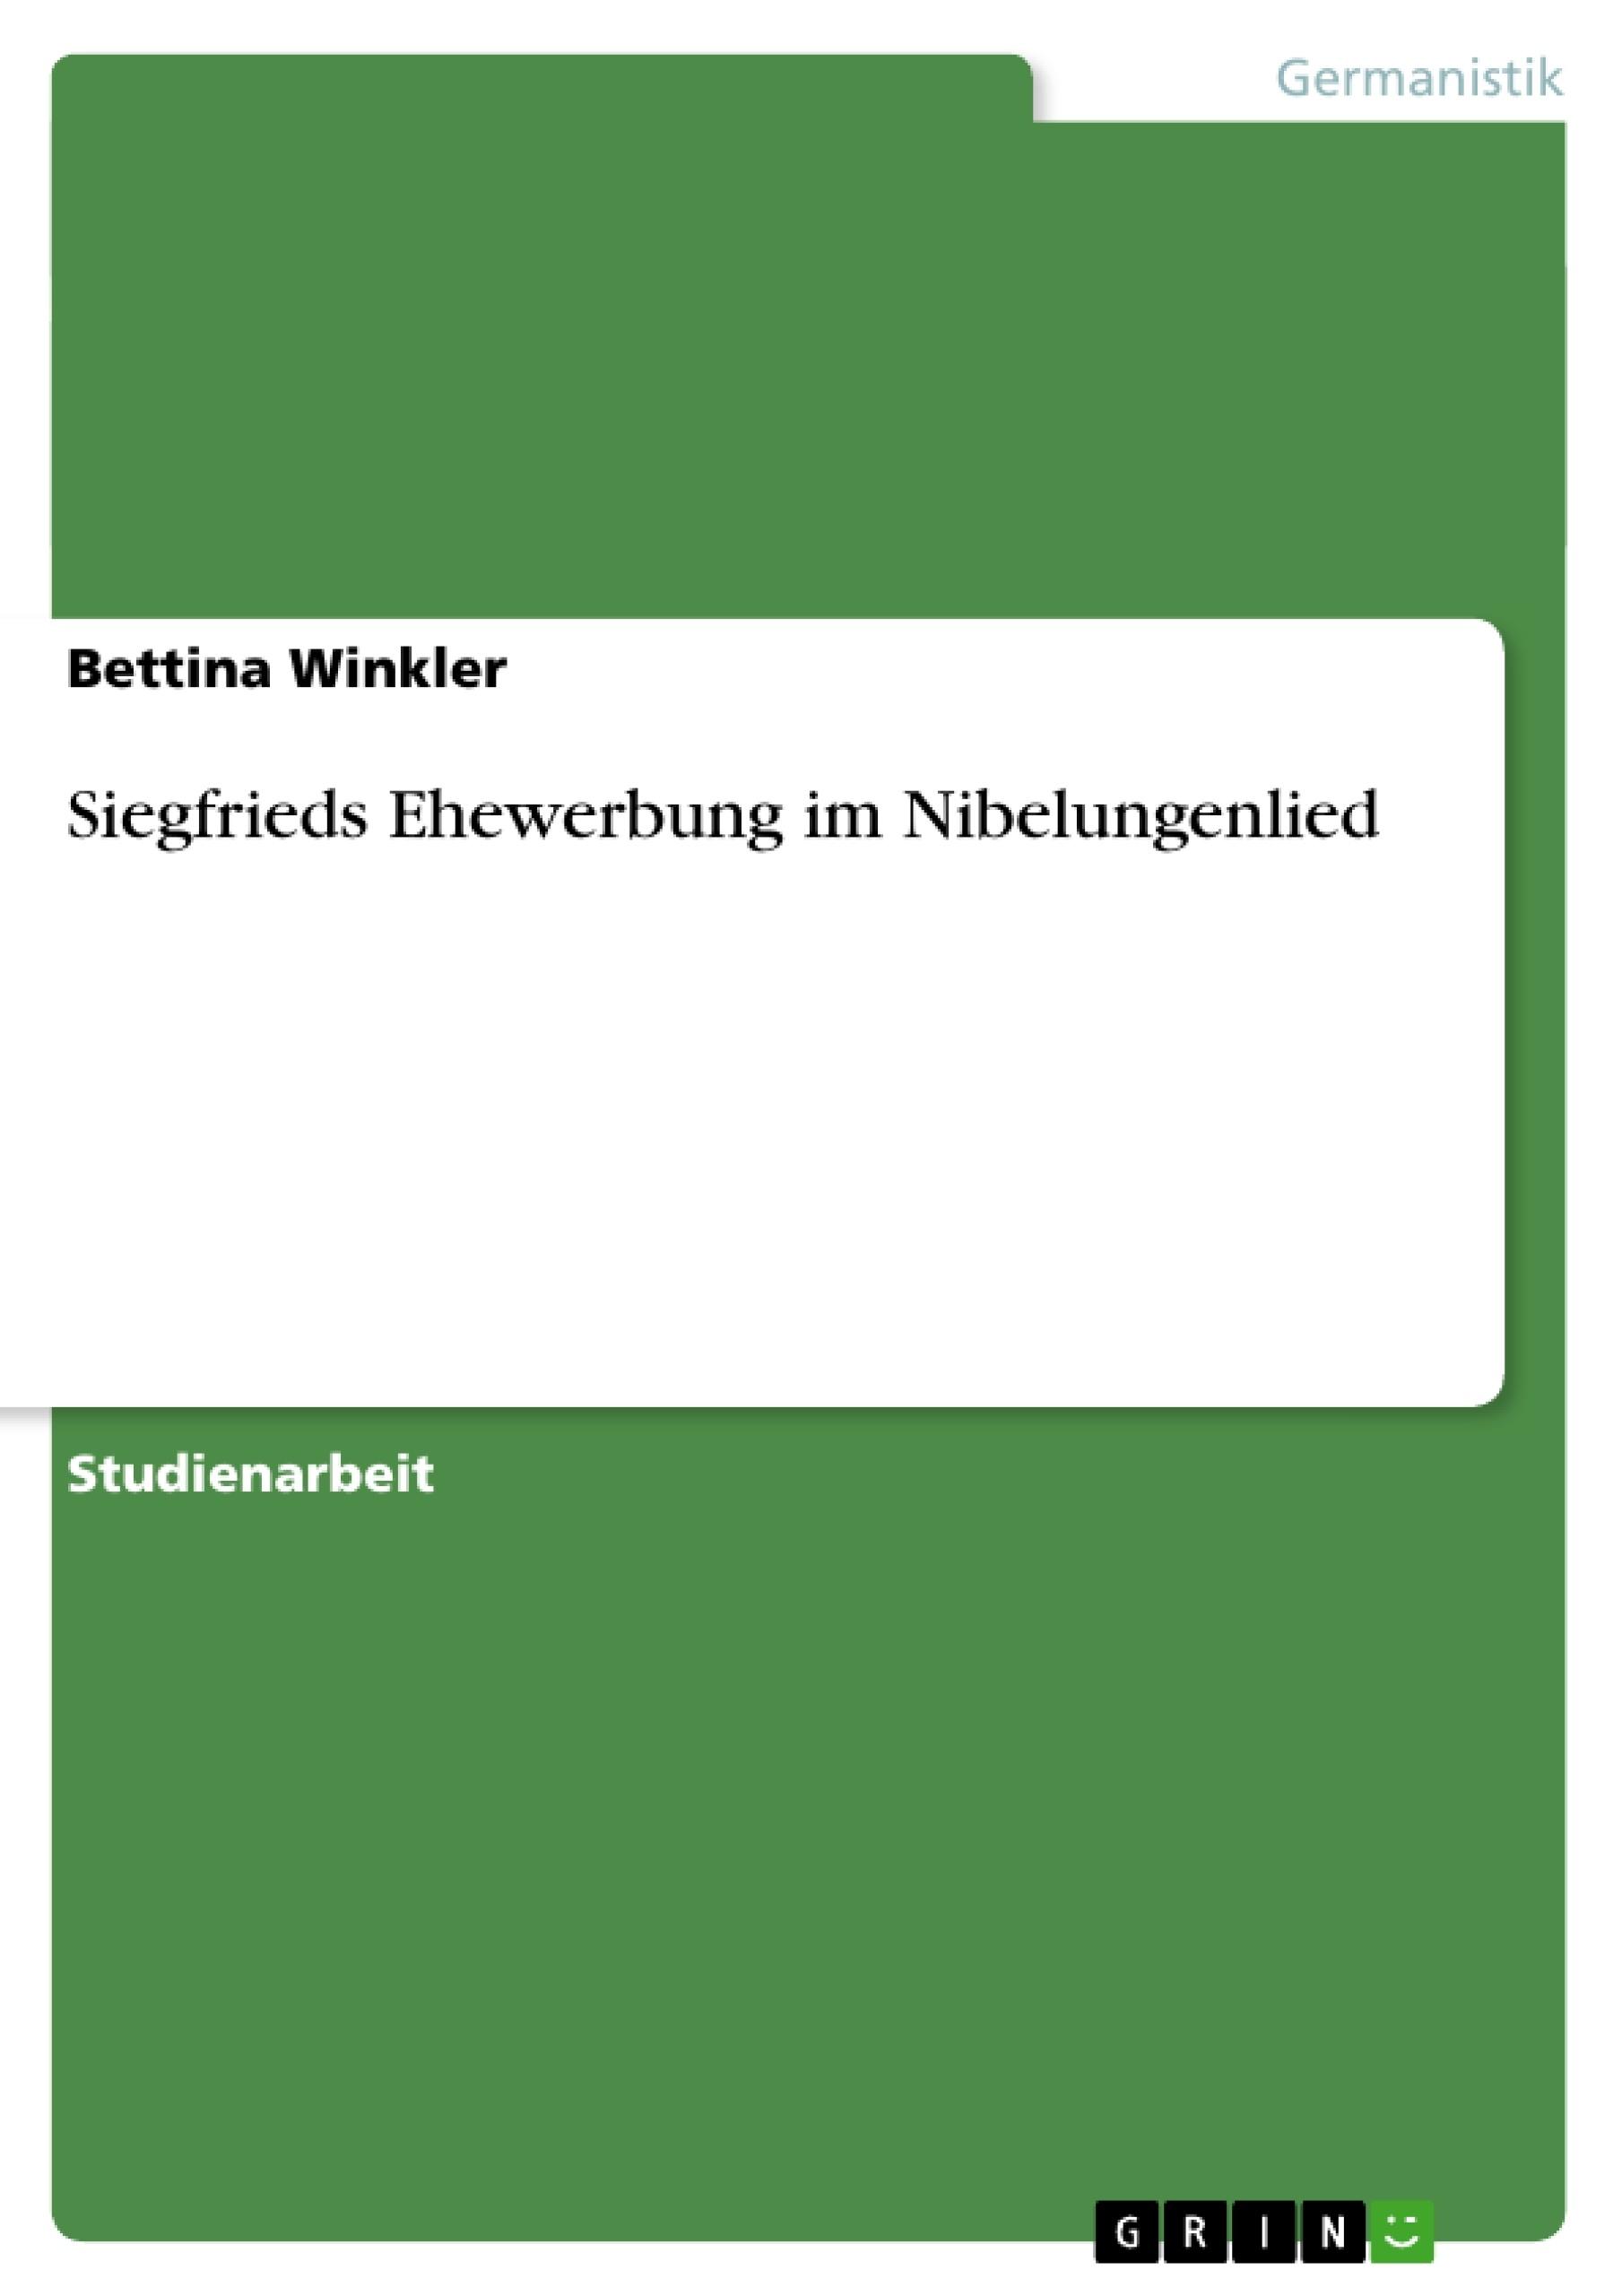 Titel: Siegfrieds Ehewerbung im Nibelungenlied